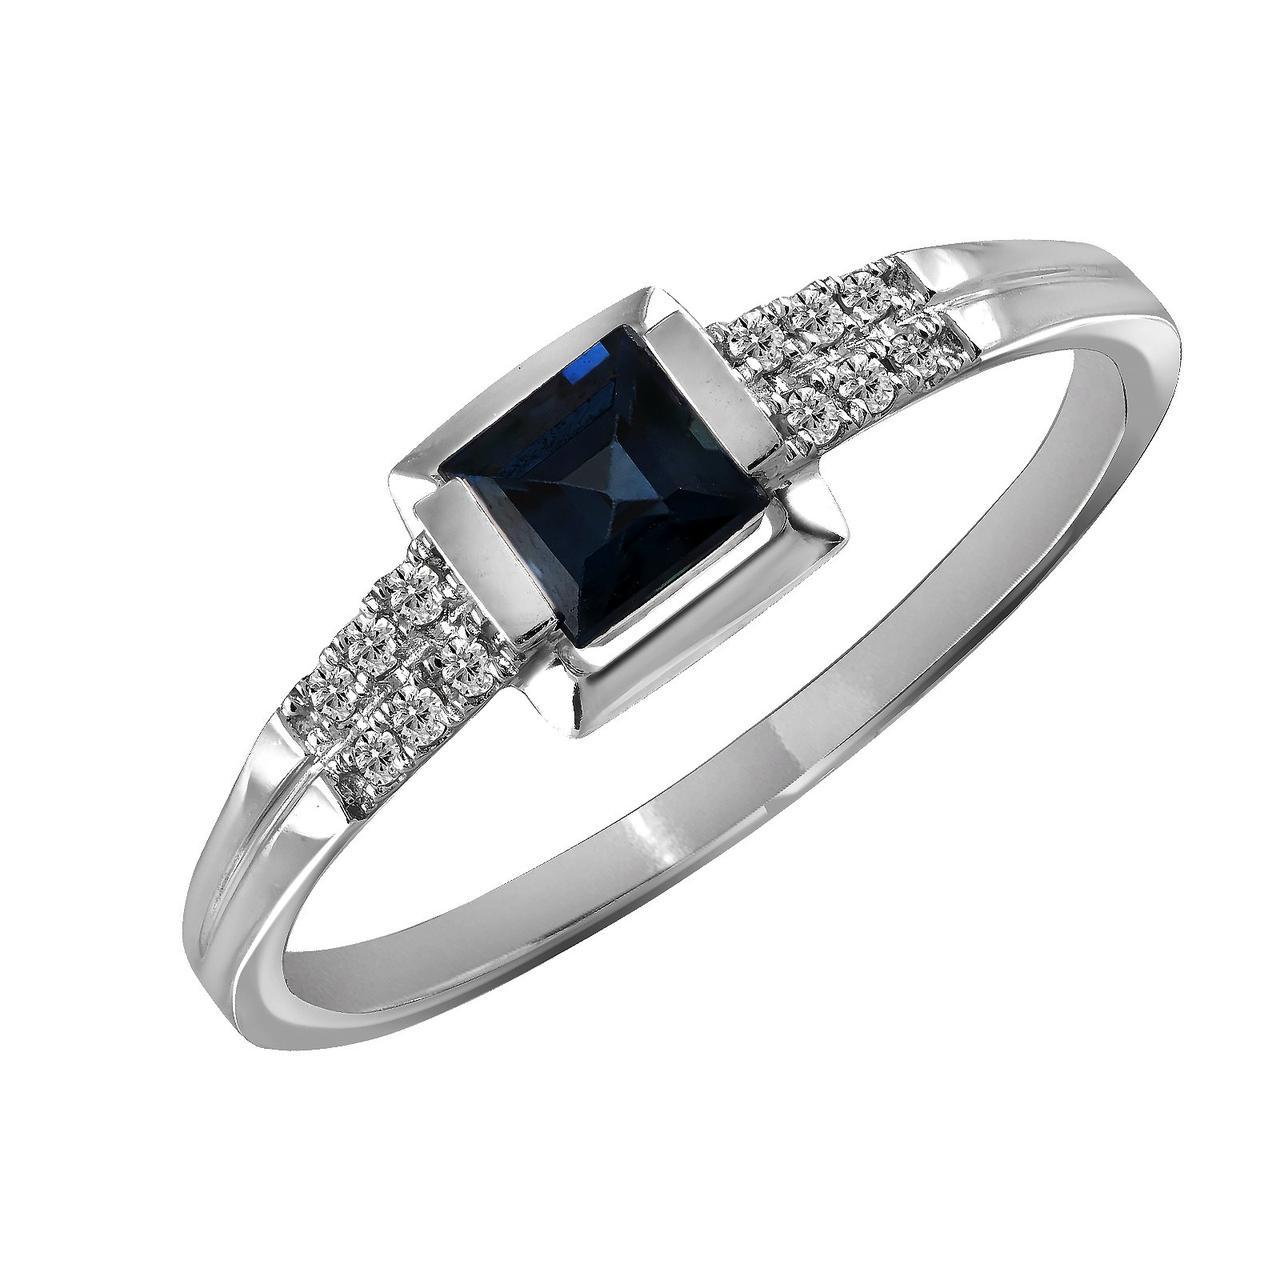 Золотое кольцо с бриллиантами и сапфиром, размер 16.5 (817317)